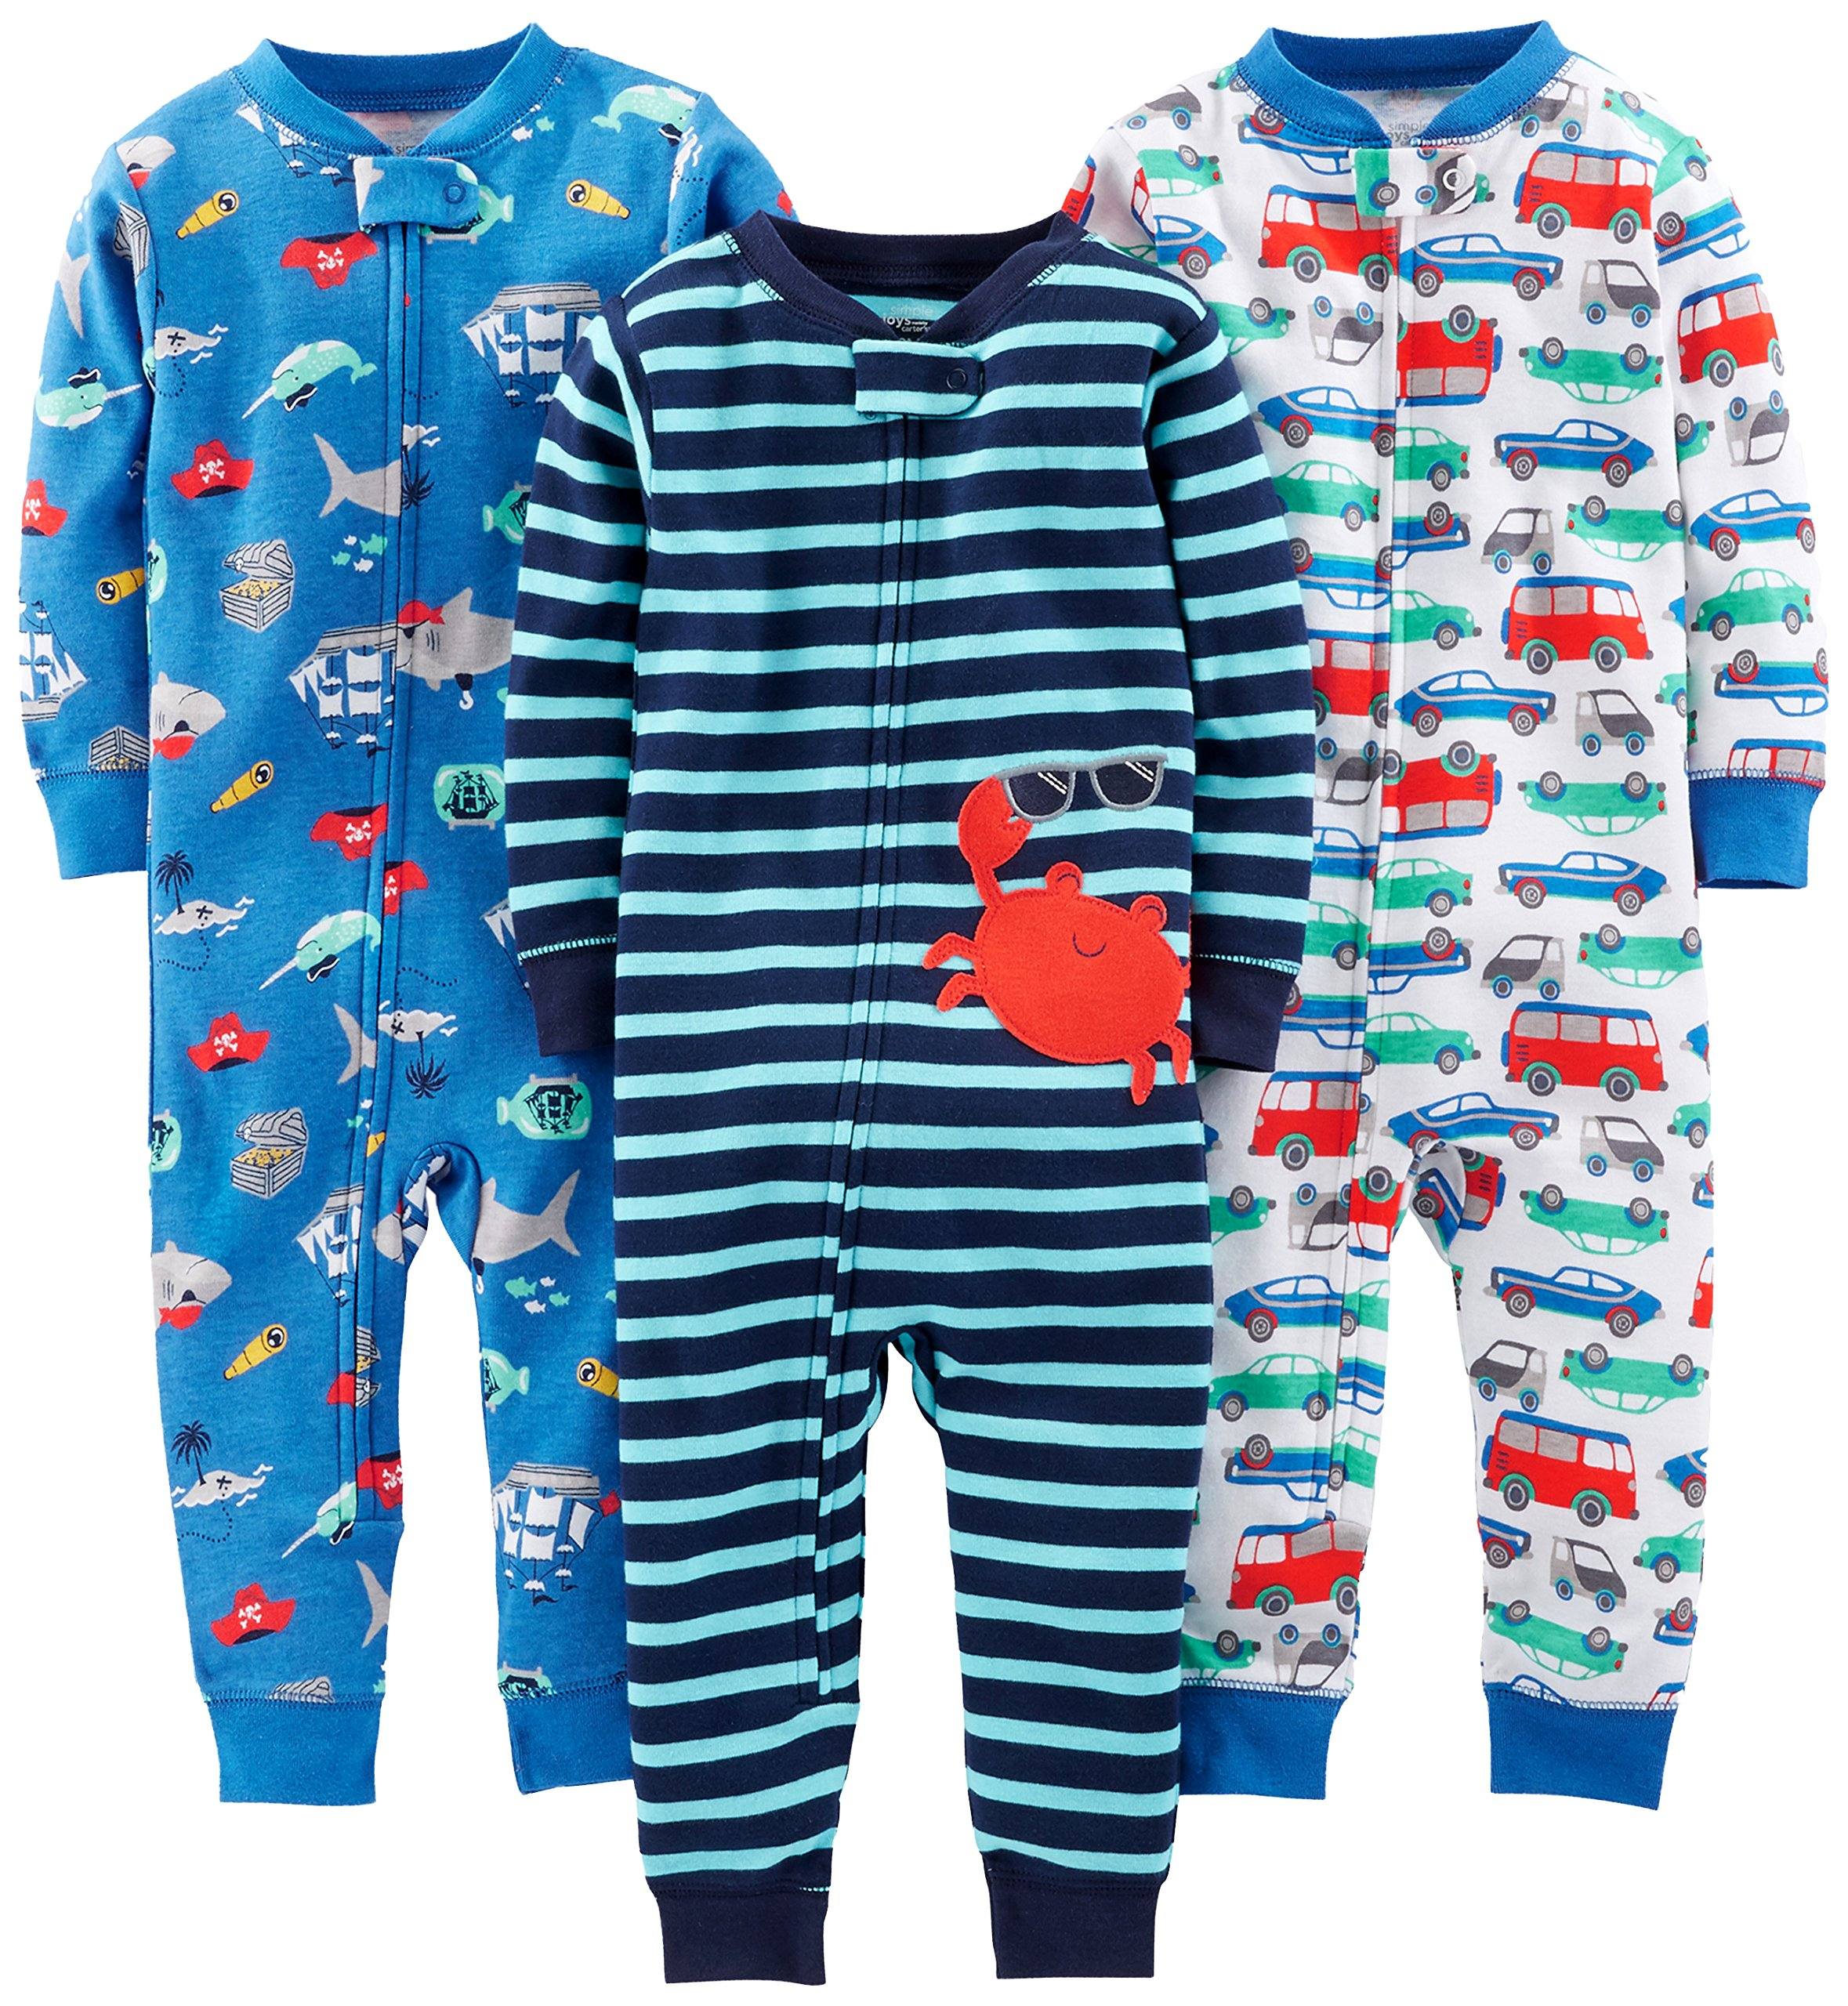 Simple Joys by Carter's pijama de algodón sin pies para bebés y niños pequeños, paquete de 3 1